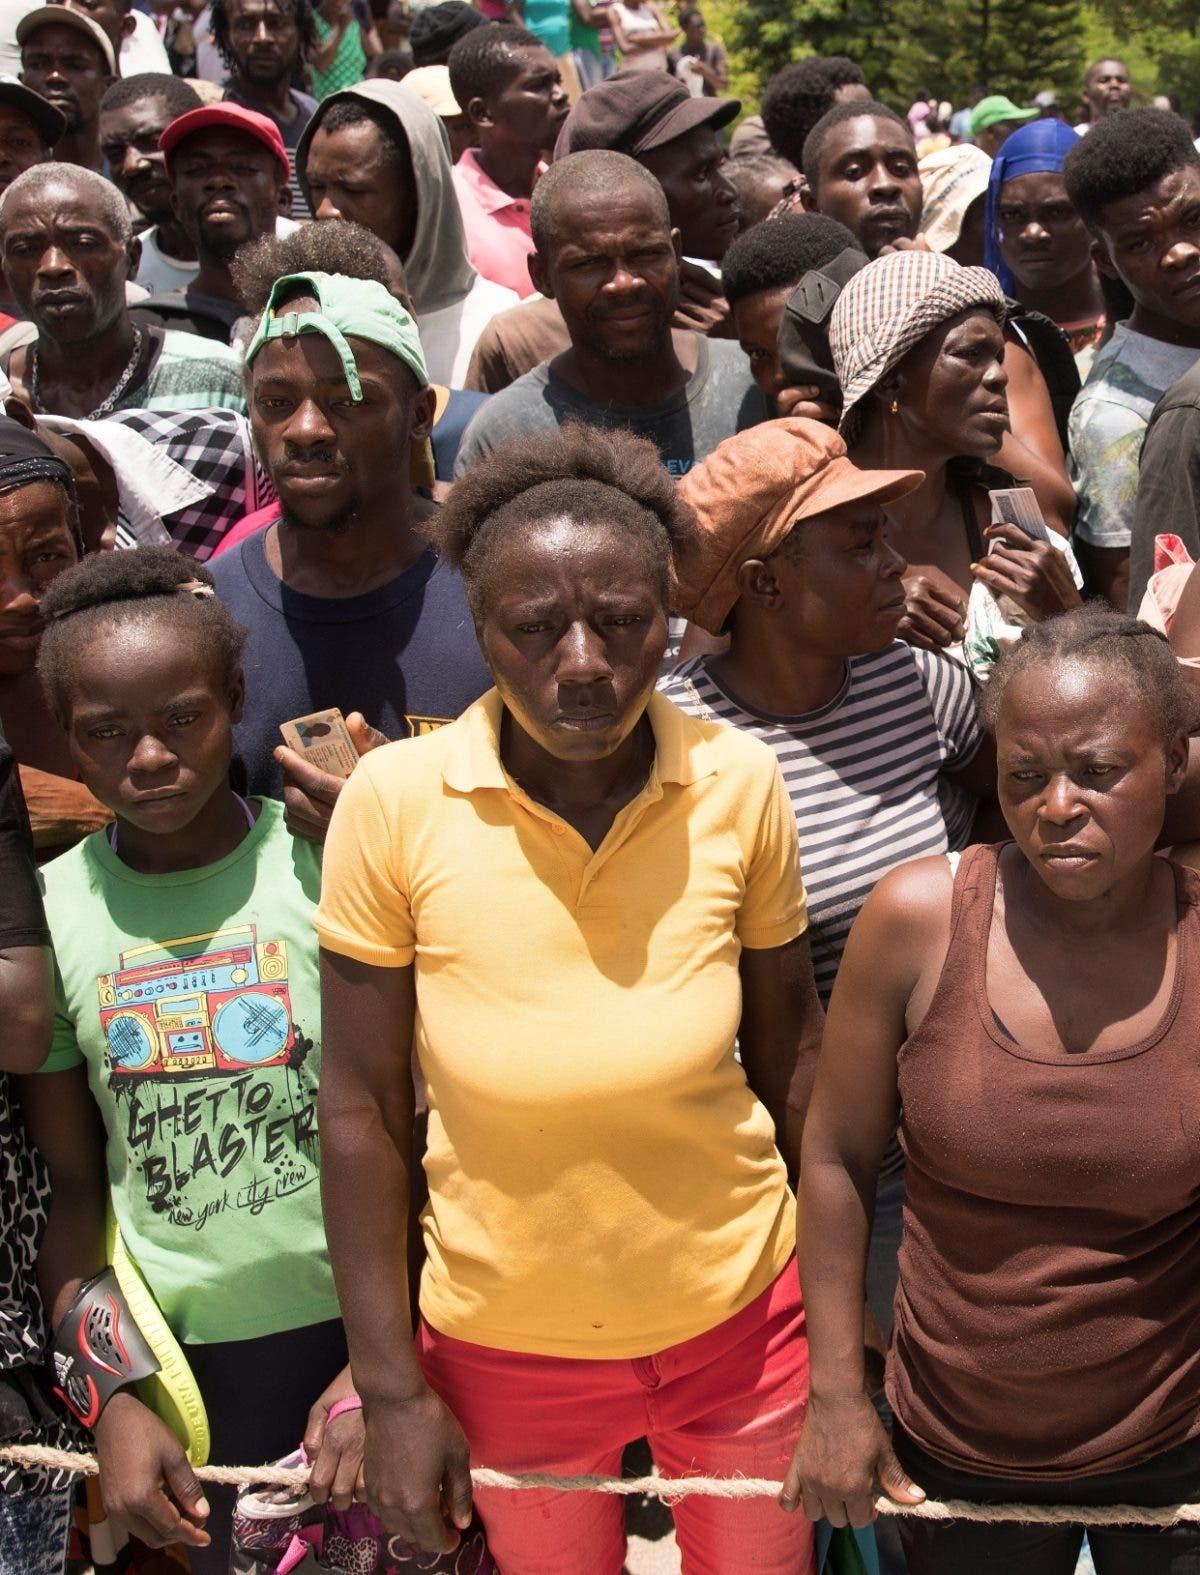 Terremoto empeoró situación de las niñas y las mujeres en Haití